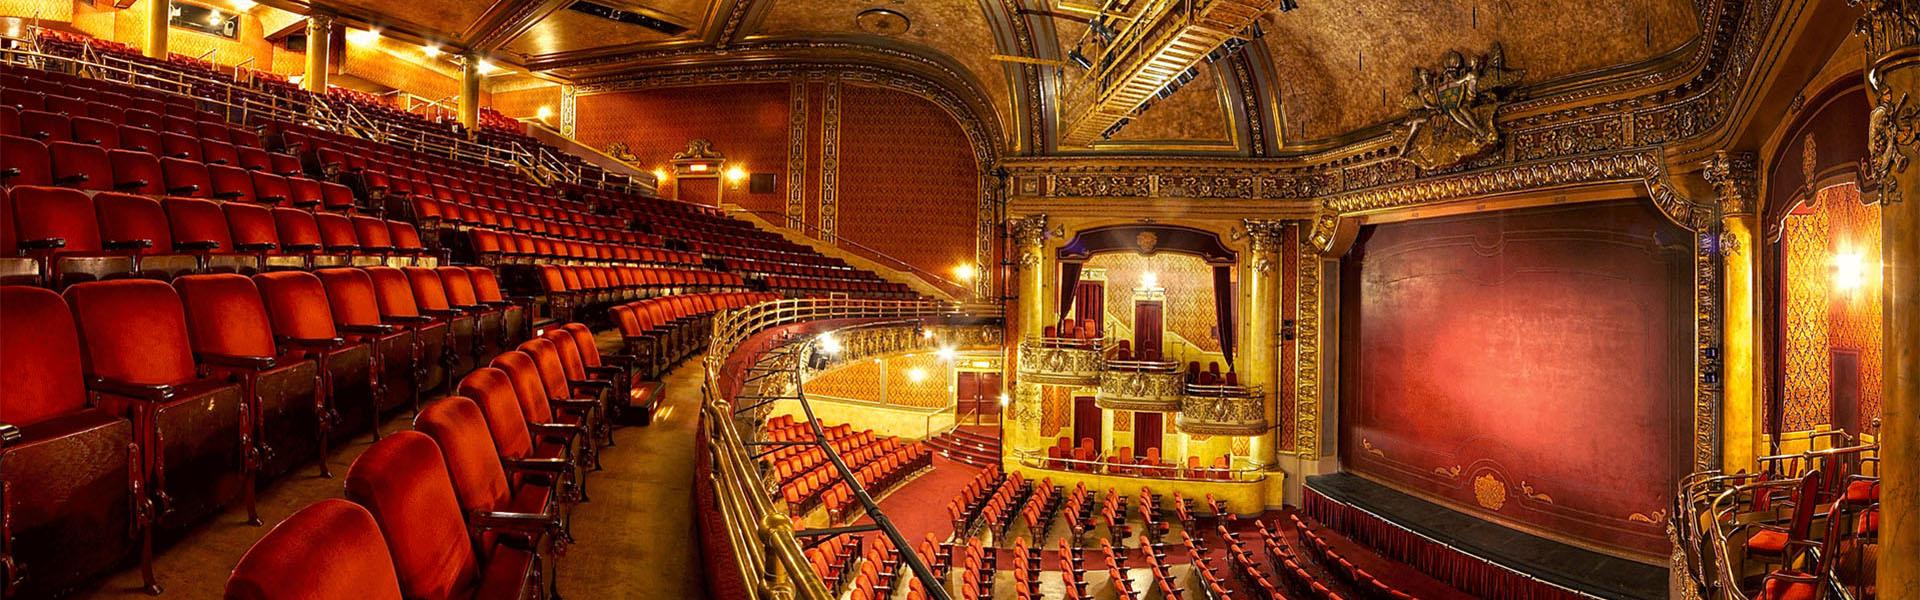 Théâtre Elgin, intérieur